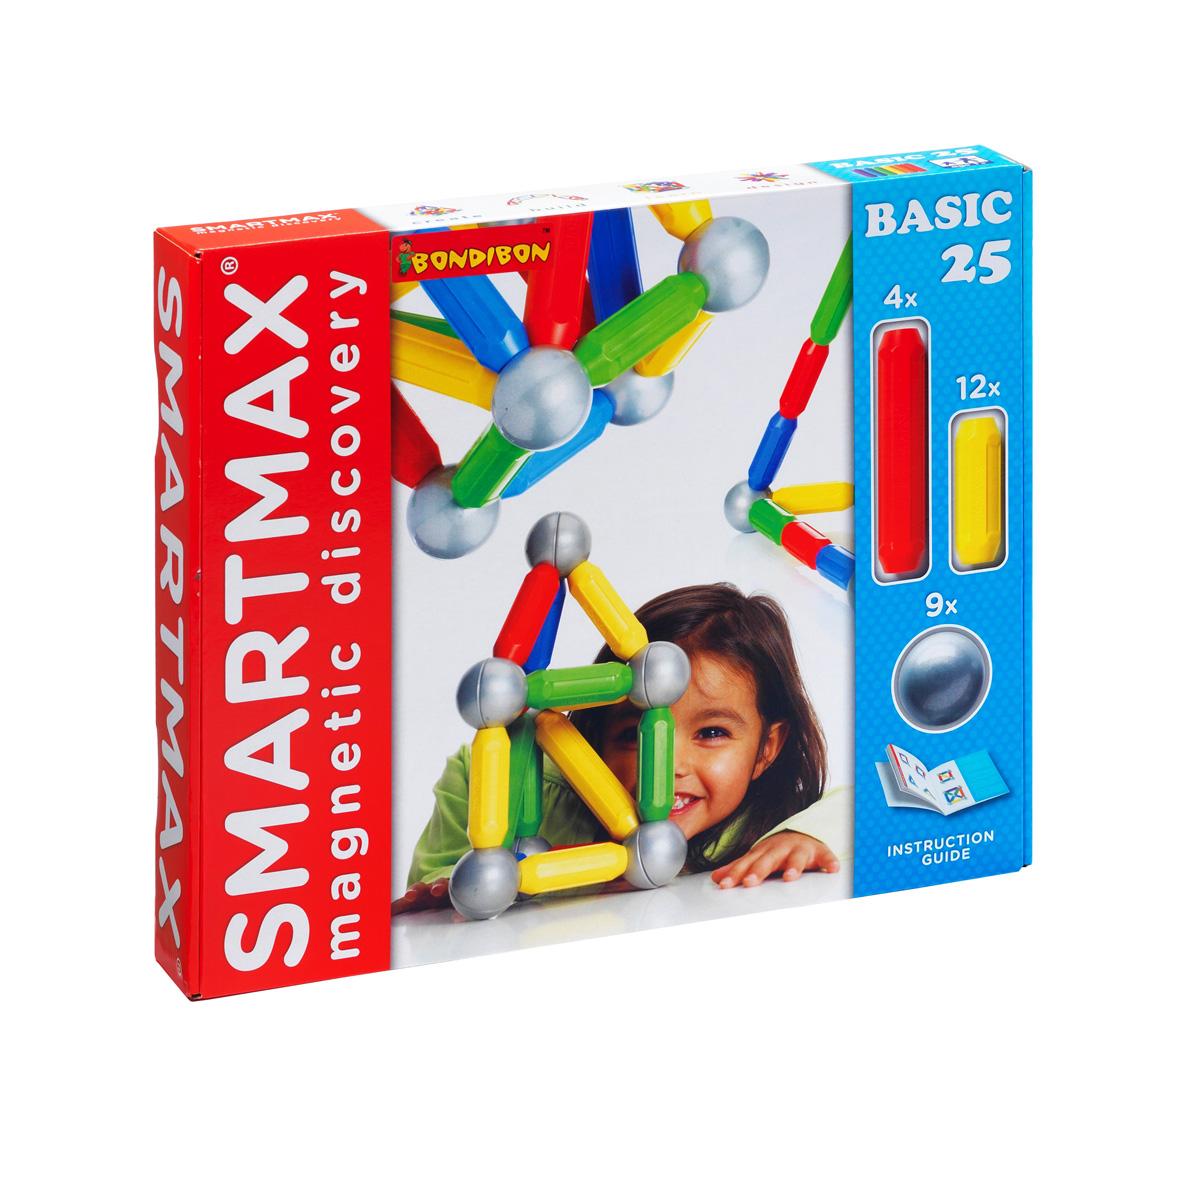 Bondibon Конструктор магнитный Smartmax Основной наборВВ0869-1Магнитный конструктор Bondibon SmartMax - это яркая и увлекательная игра, которая обязательно понравится вашему ребенку. Конструктор включает 25 элементов, из которых можно построить дома, мосты, башни и иные сооружения, а прилагаемая инструкция по сборке всегда будет подспорьем при возникновении сложностей. Все составляющие выполнены из высококачественного пластика, внутри которого надежно запаяны магниты. Элементы конструктора имеют большие размеры, различную геометрическую форму, красочную расцветку, и их удобно держать в руке. Конструктор совместим с другими наборами данной серии, благодаря чему можно постоянно совершенствовать свои конструкции. Игра с конструктором развивает мелкую моторику, внимание, фантазию, пространственное и образное мышление. Учит сосредотачиваться на интеллектуальных задачах и усидчивости.